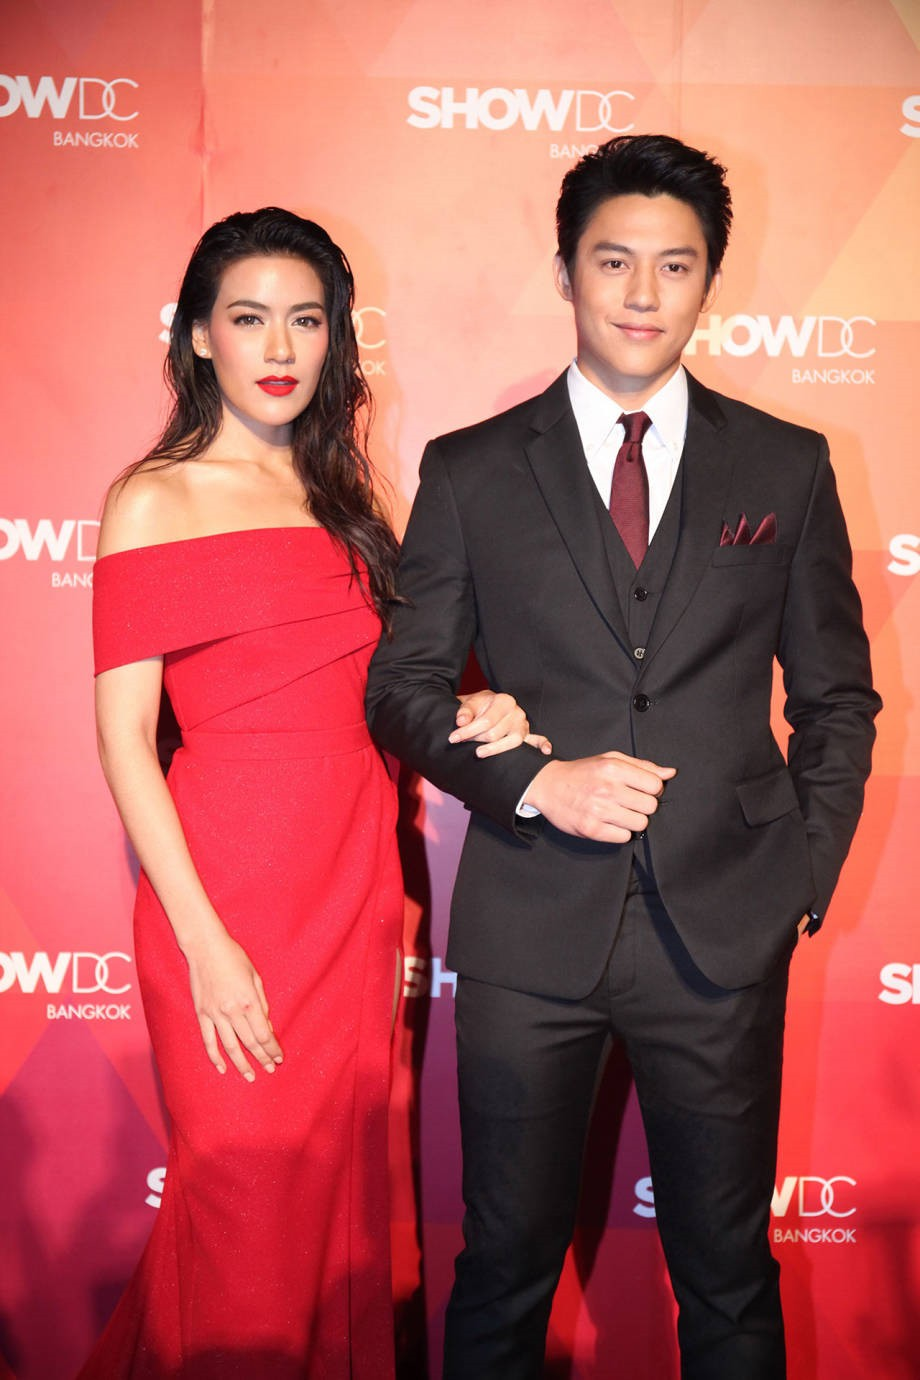 Dàn sao seri phim hoành tráng nhất Thái Lan sau 8 năm: Nam nữ chính nên duyên, đồng loạt đổi đời thành sao hạng A - Ảnh 16.